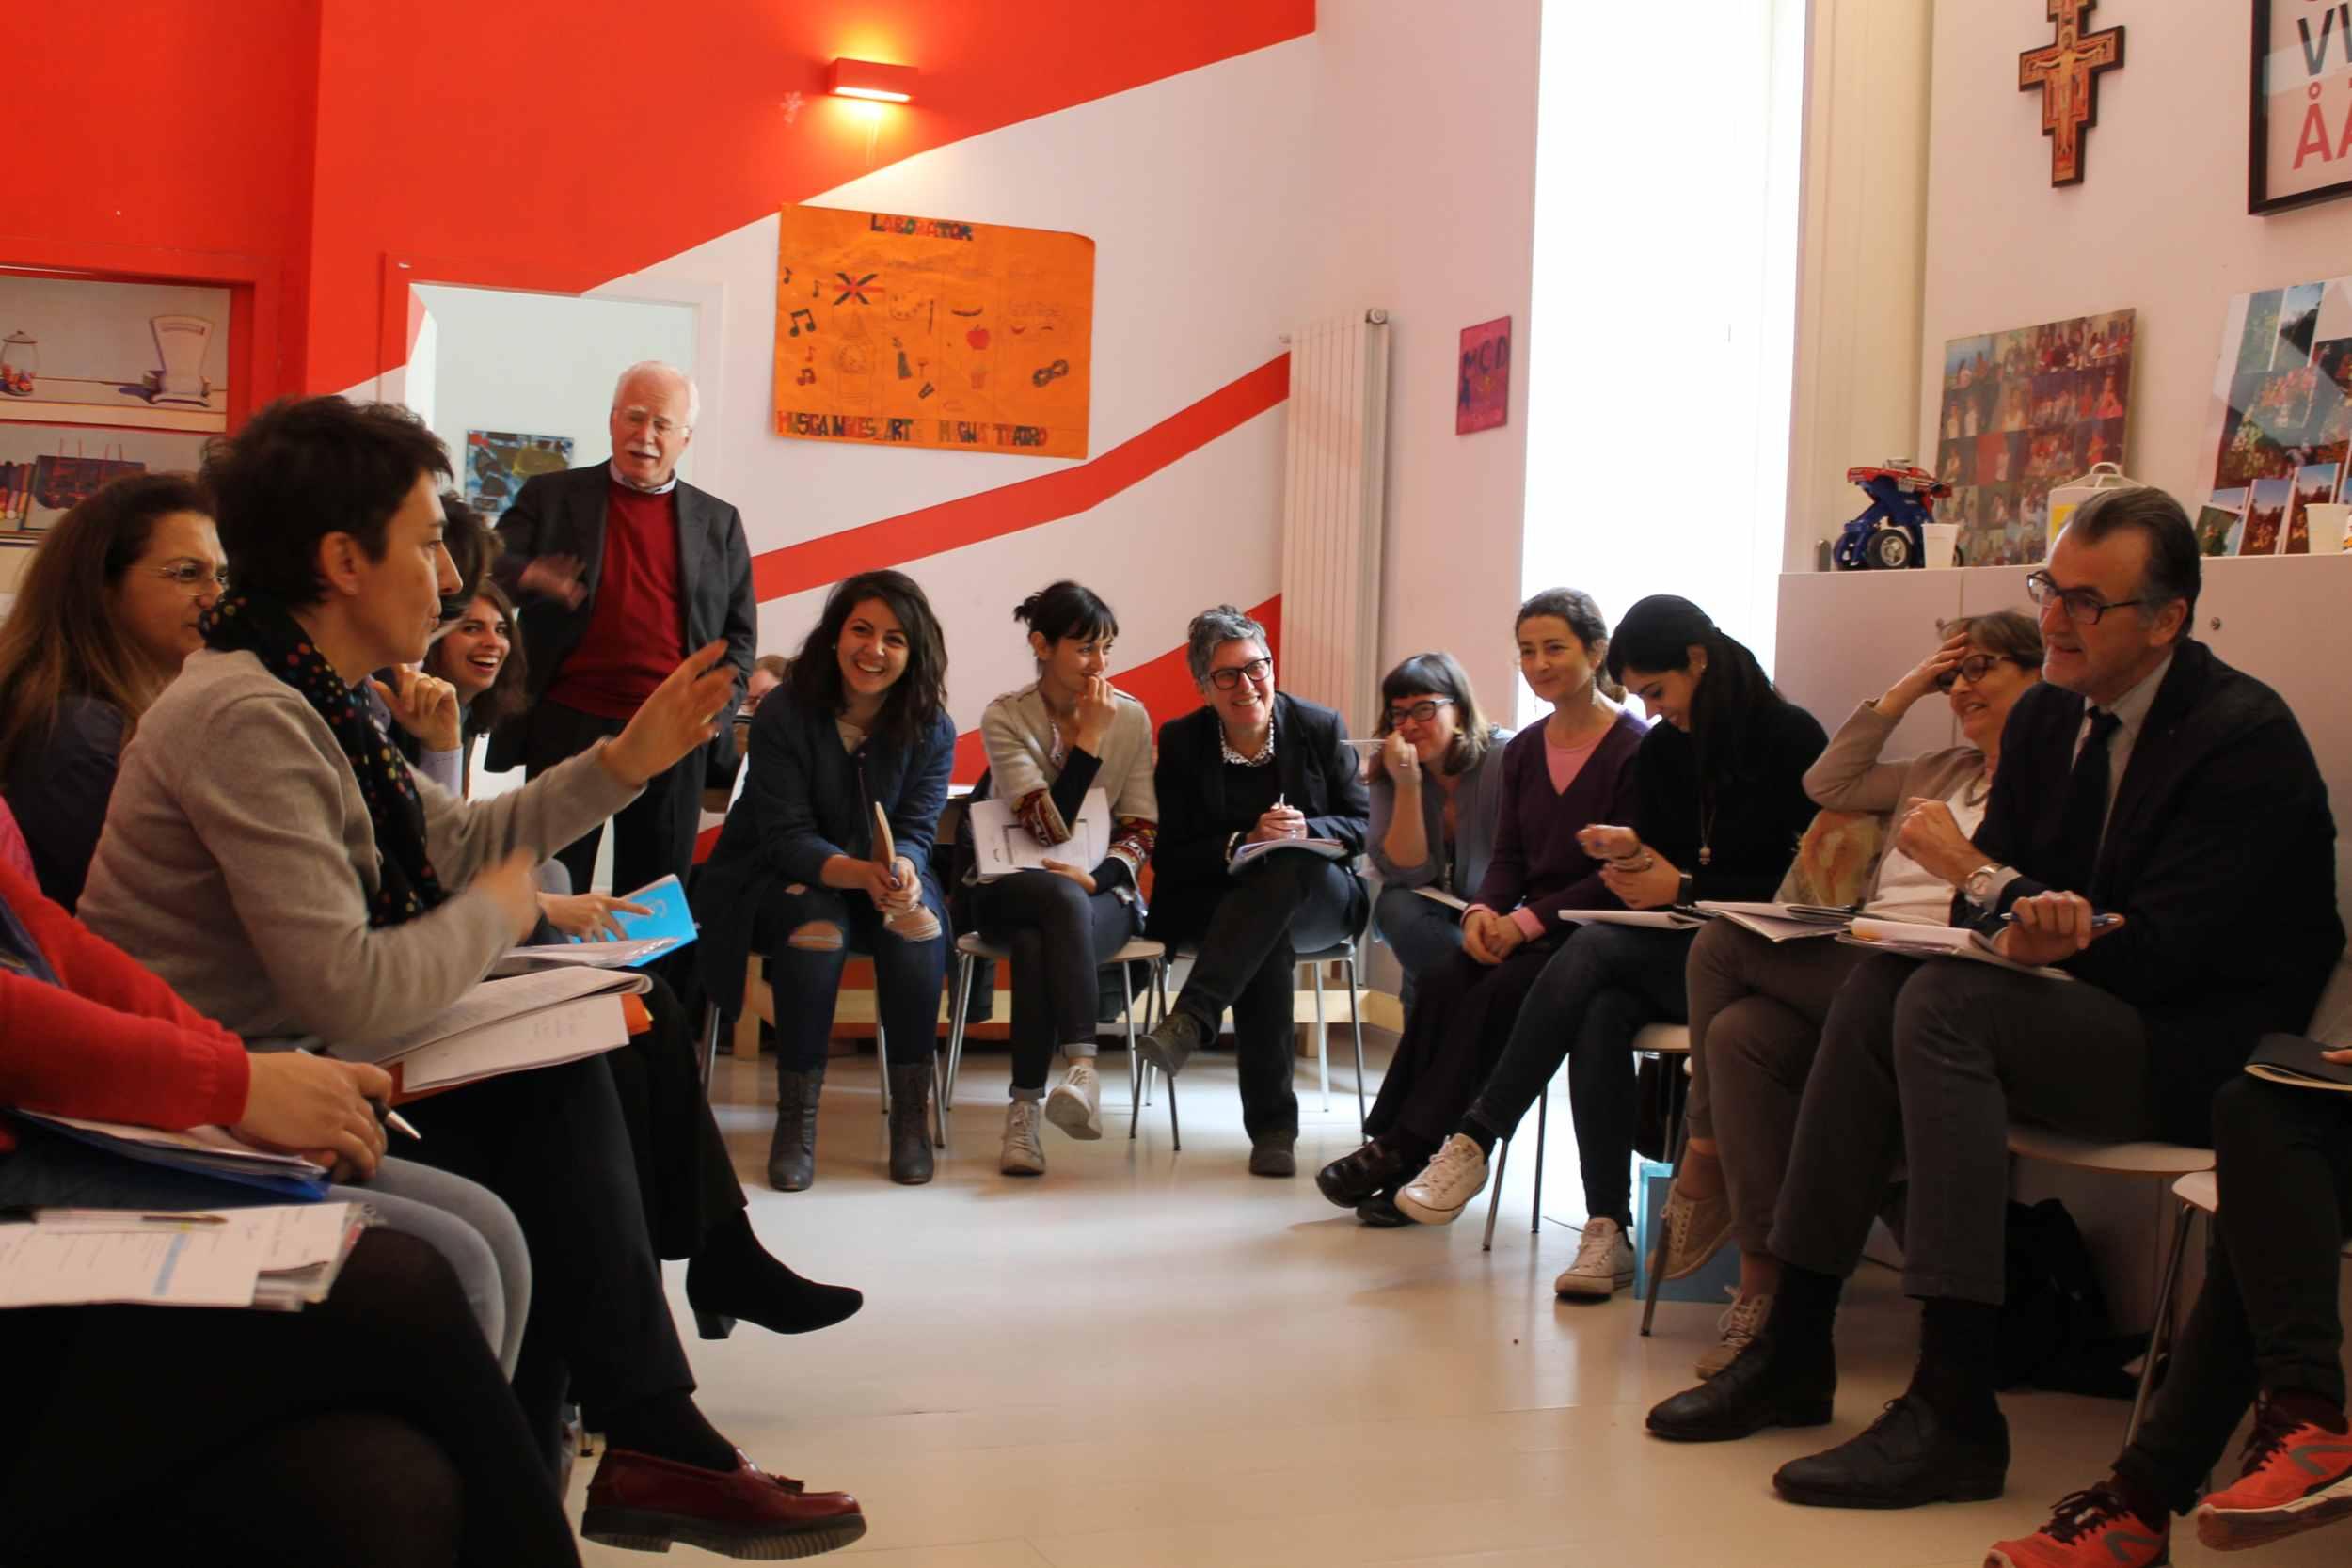 #Sibec: il racconto fotografico del secondo modulo a Napoli